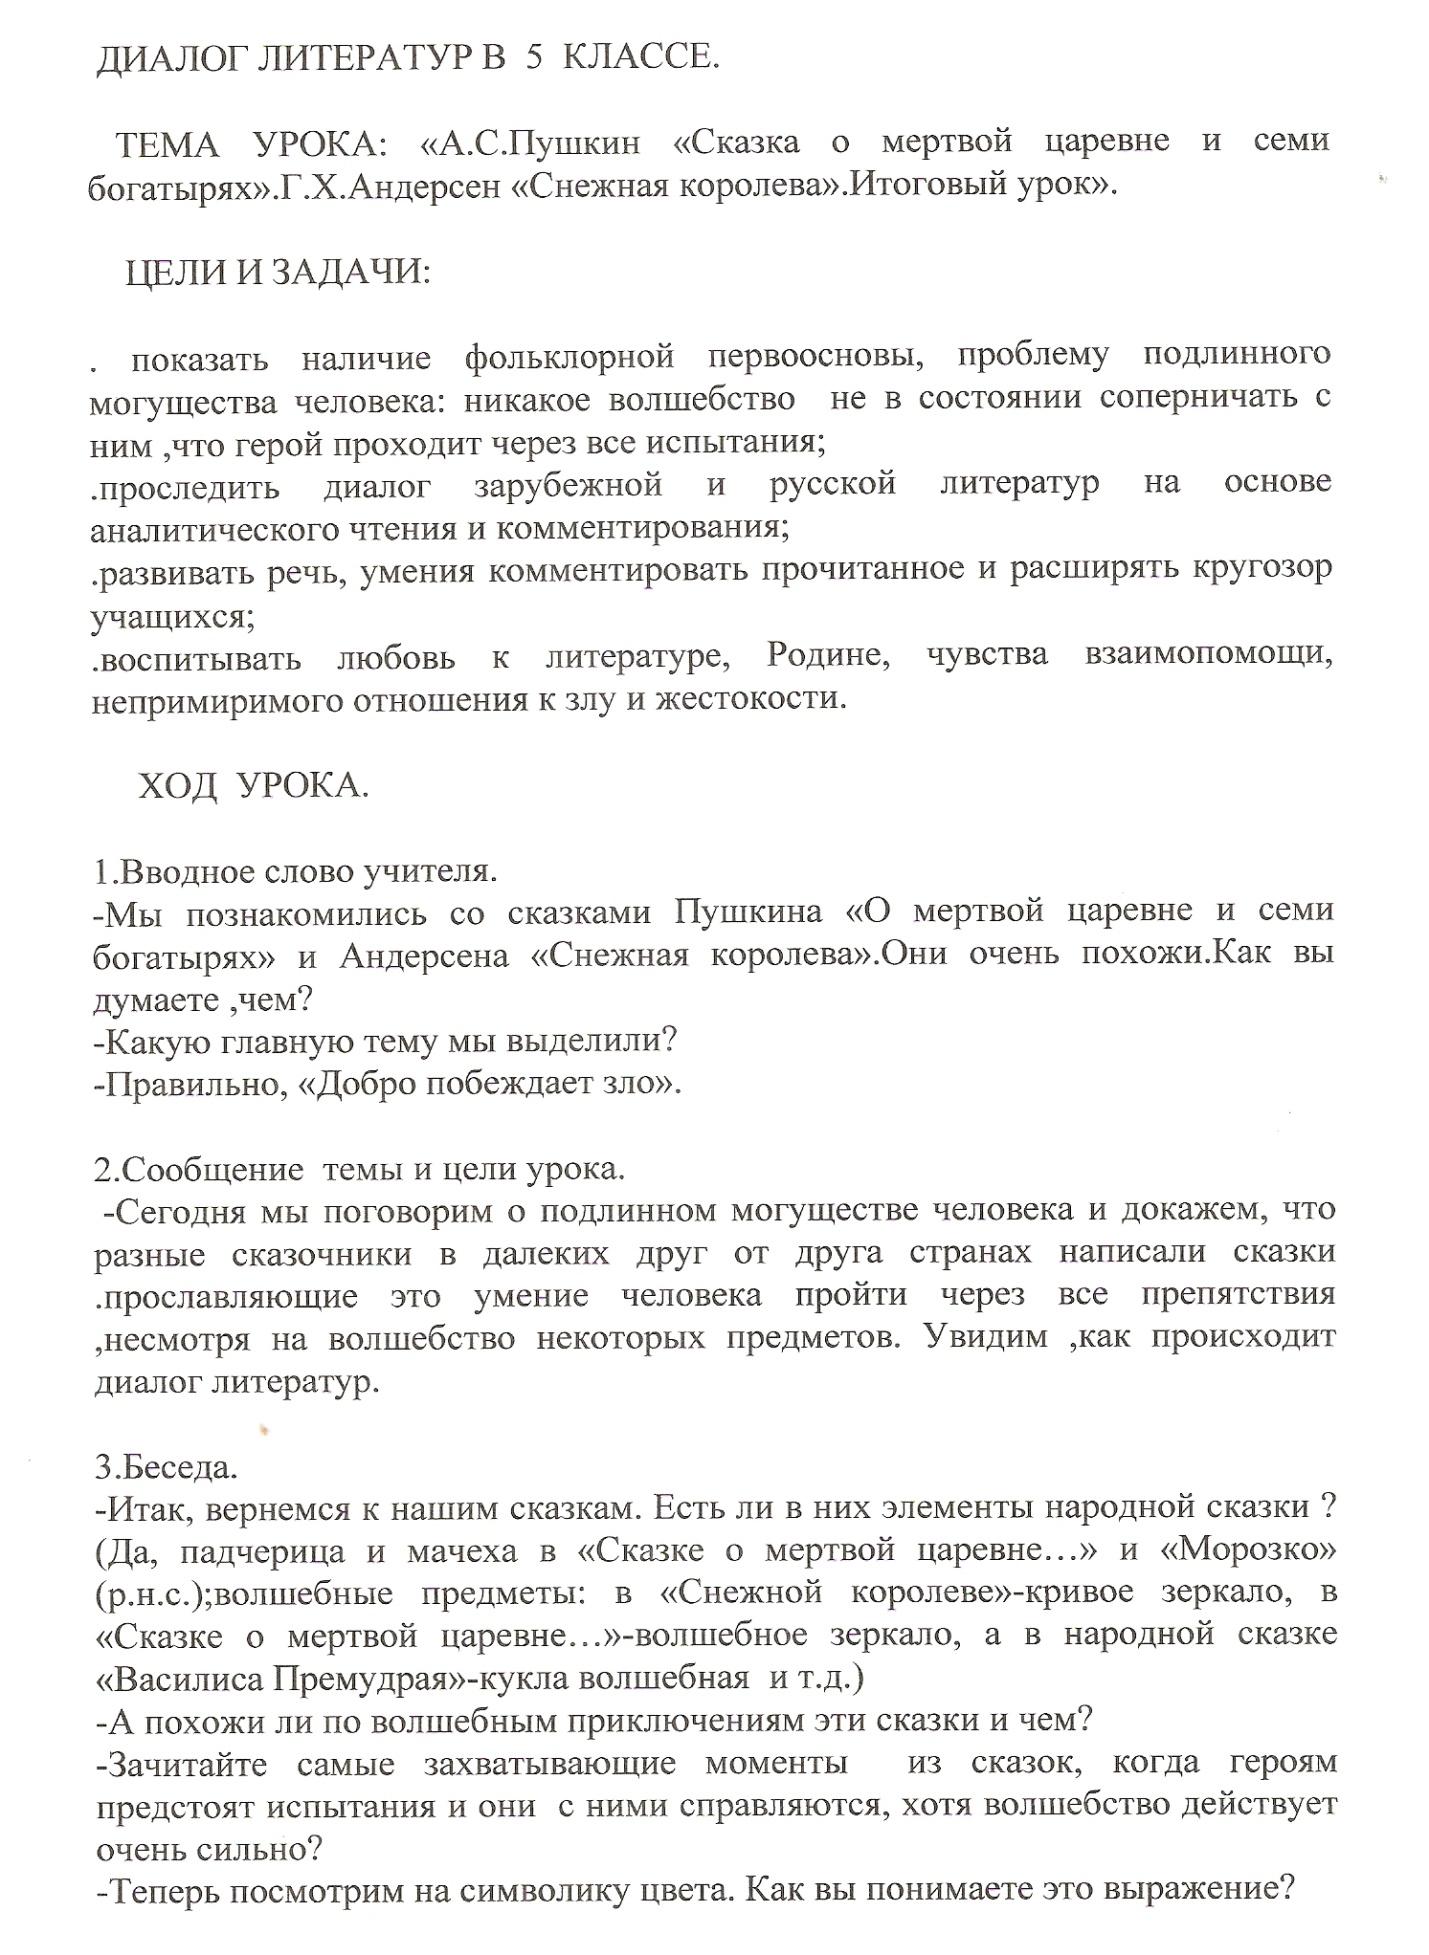 D:\Сохранение\Русский язык и литература\Интеграция и диалог литератур\диалог литератур\сканирование0021.jpg